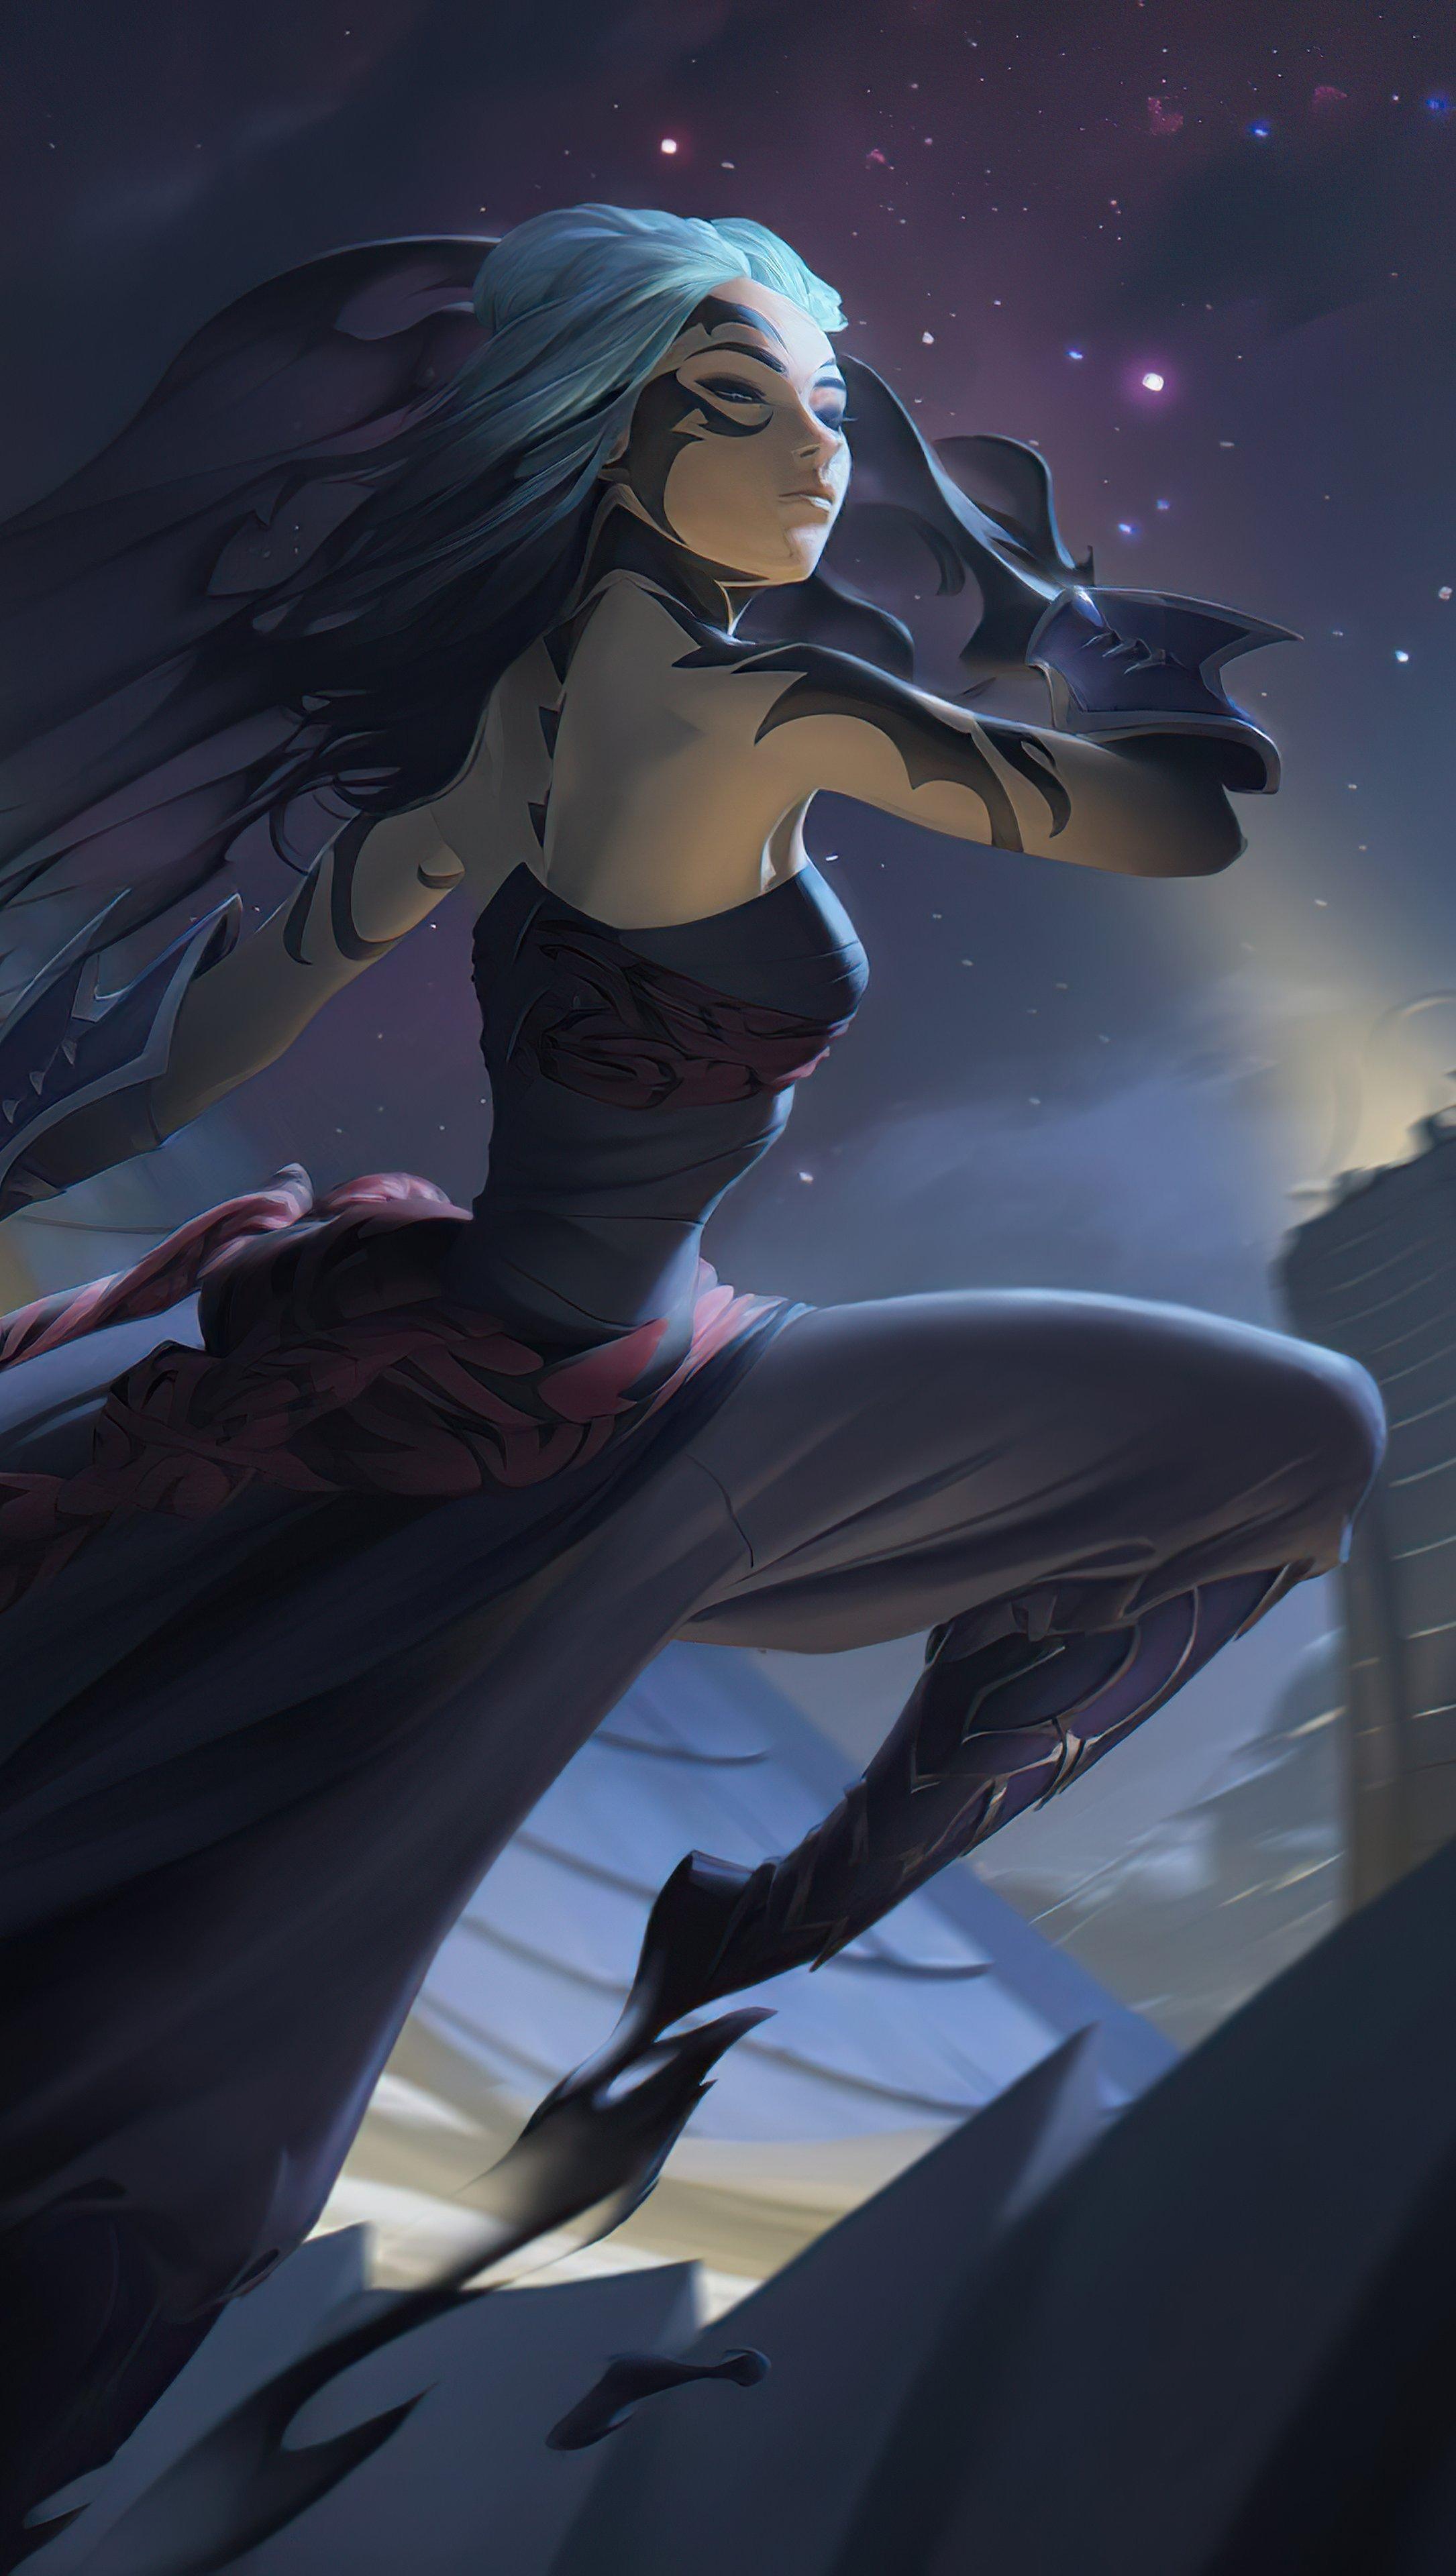 Fondos de pantalla Shadow Assassin Legends of Runeterra Vertical